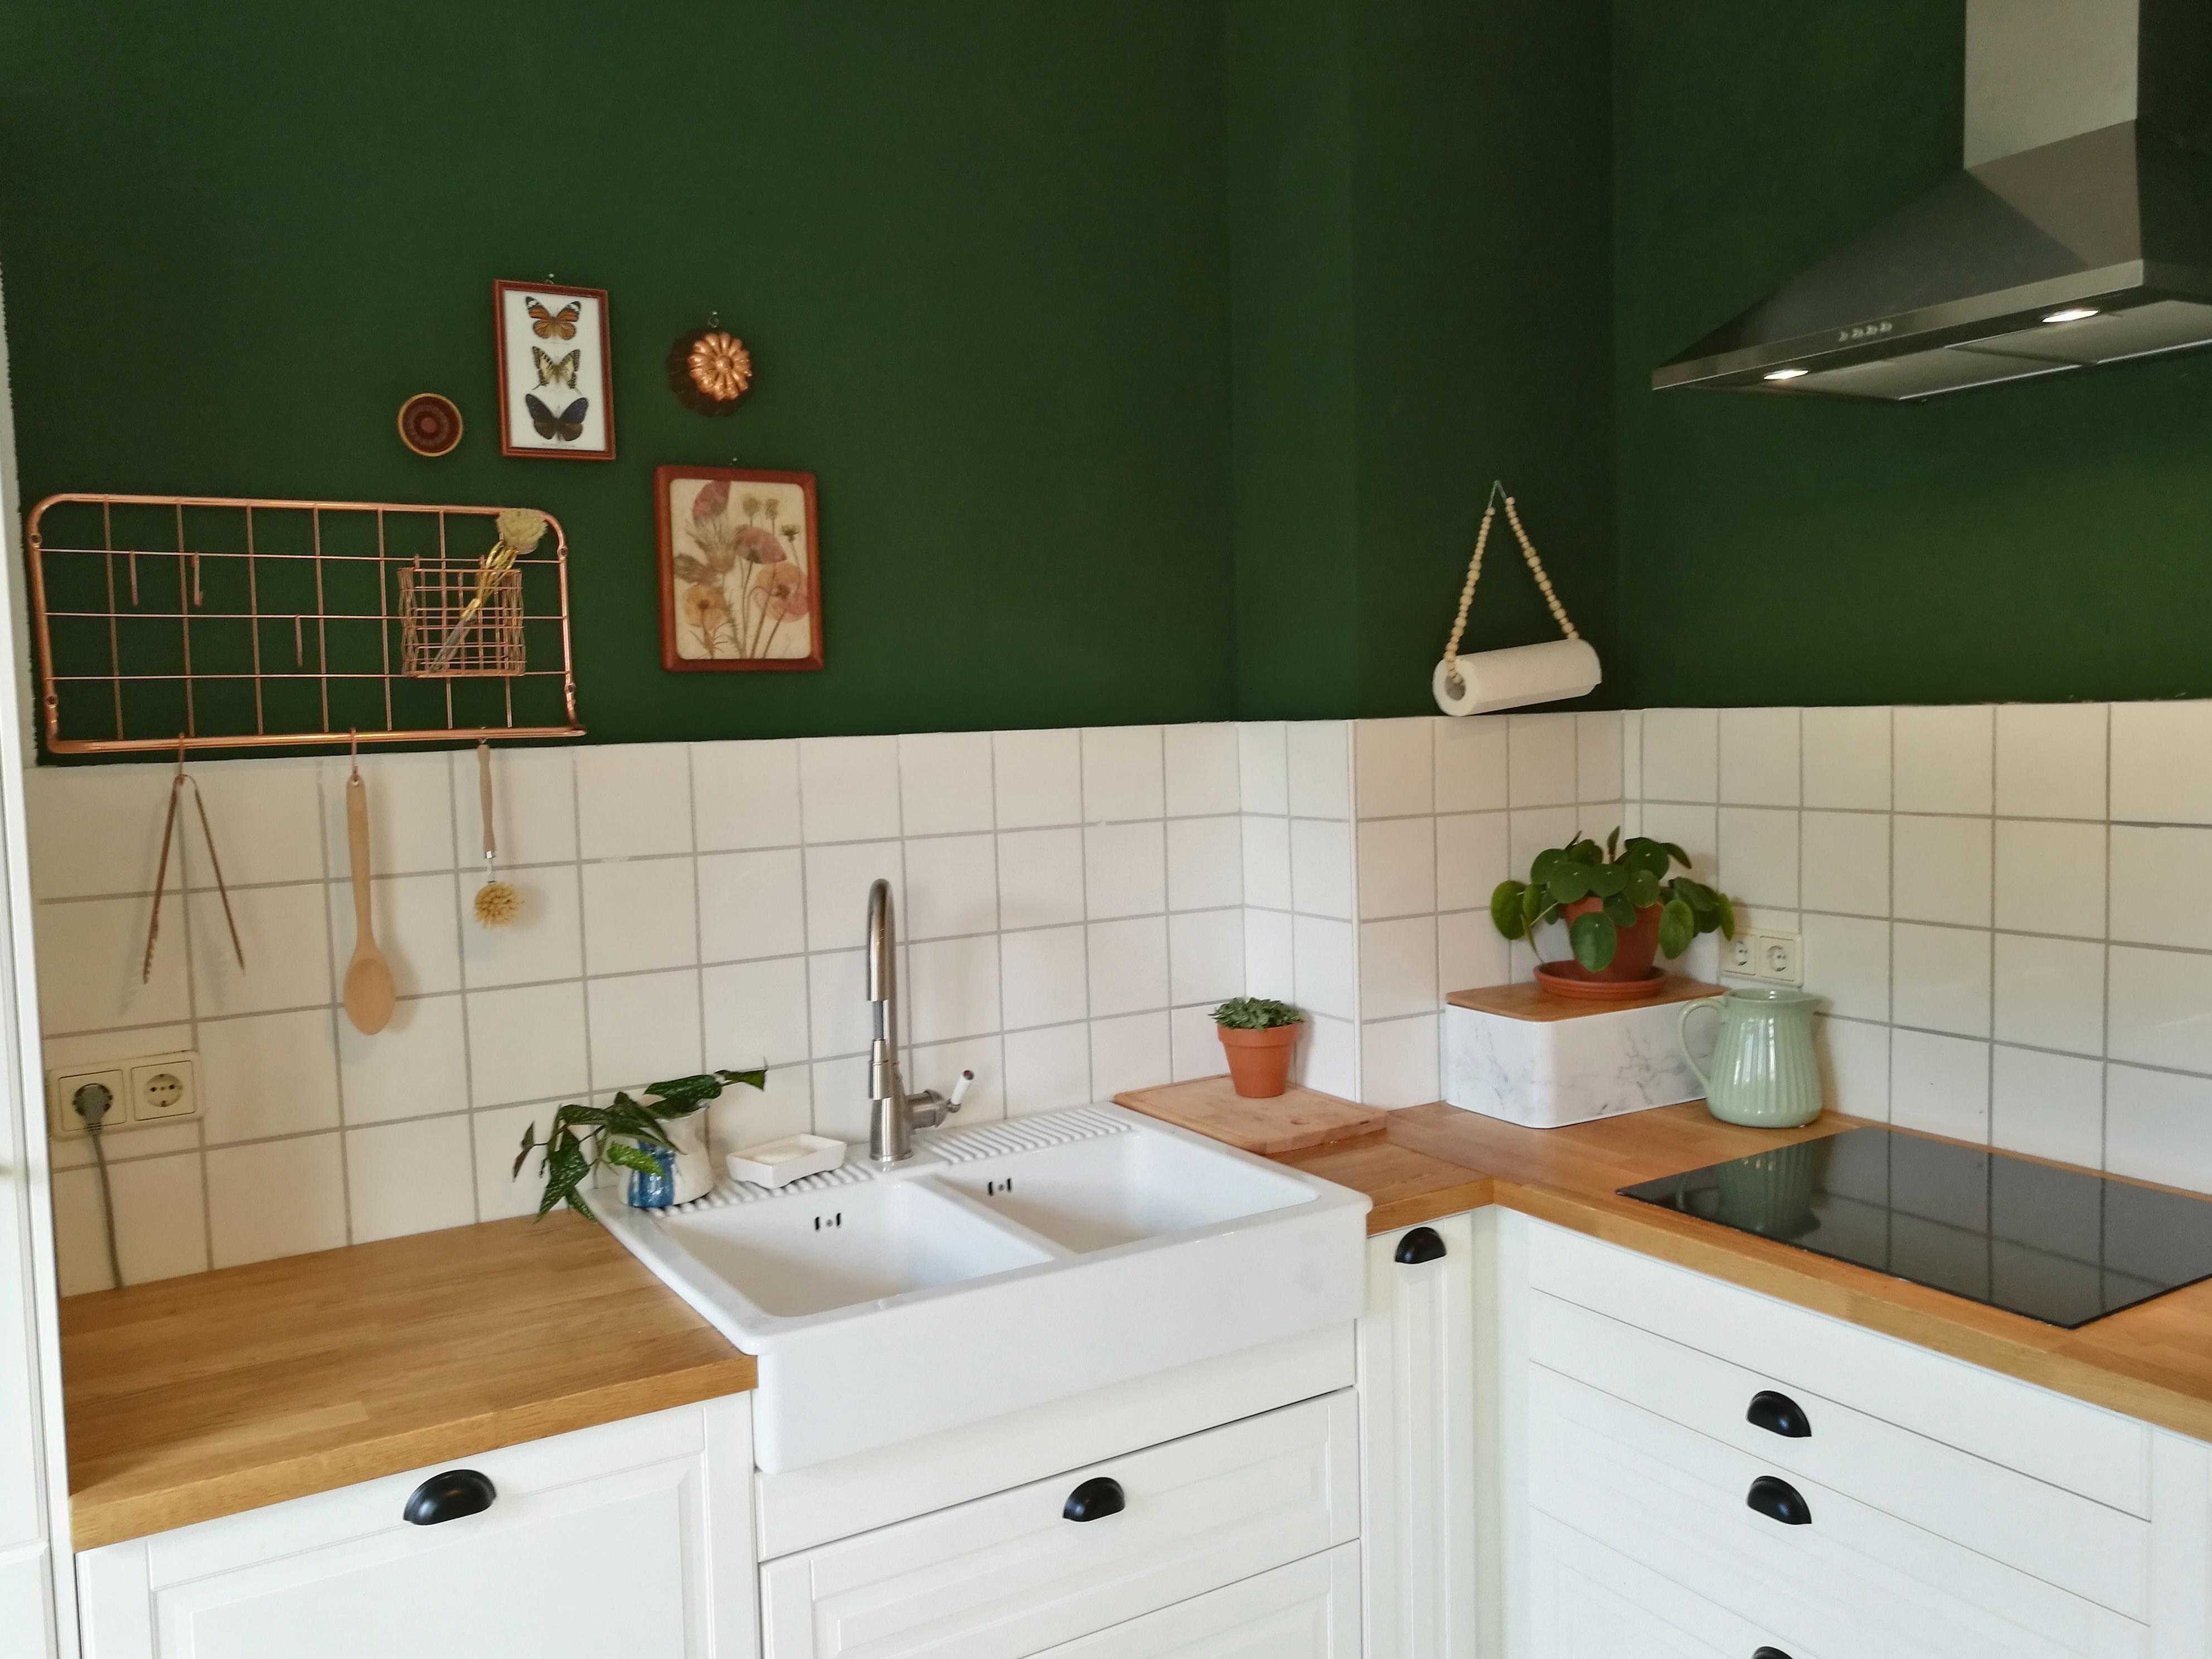 Meinekuche Kitchen Green Ikea Wandfarbe Kuche Kuche Grun Wandfarbe Grun